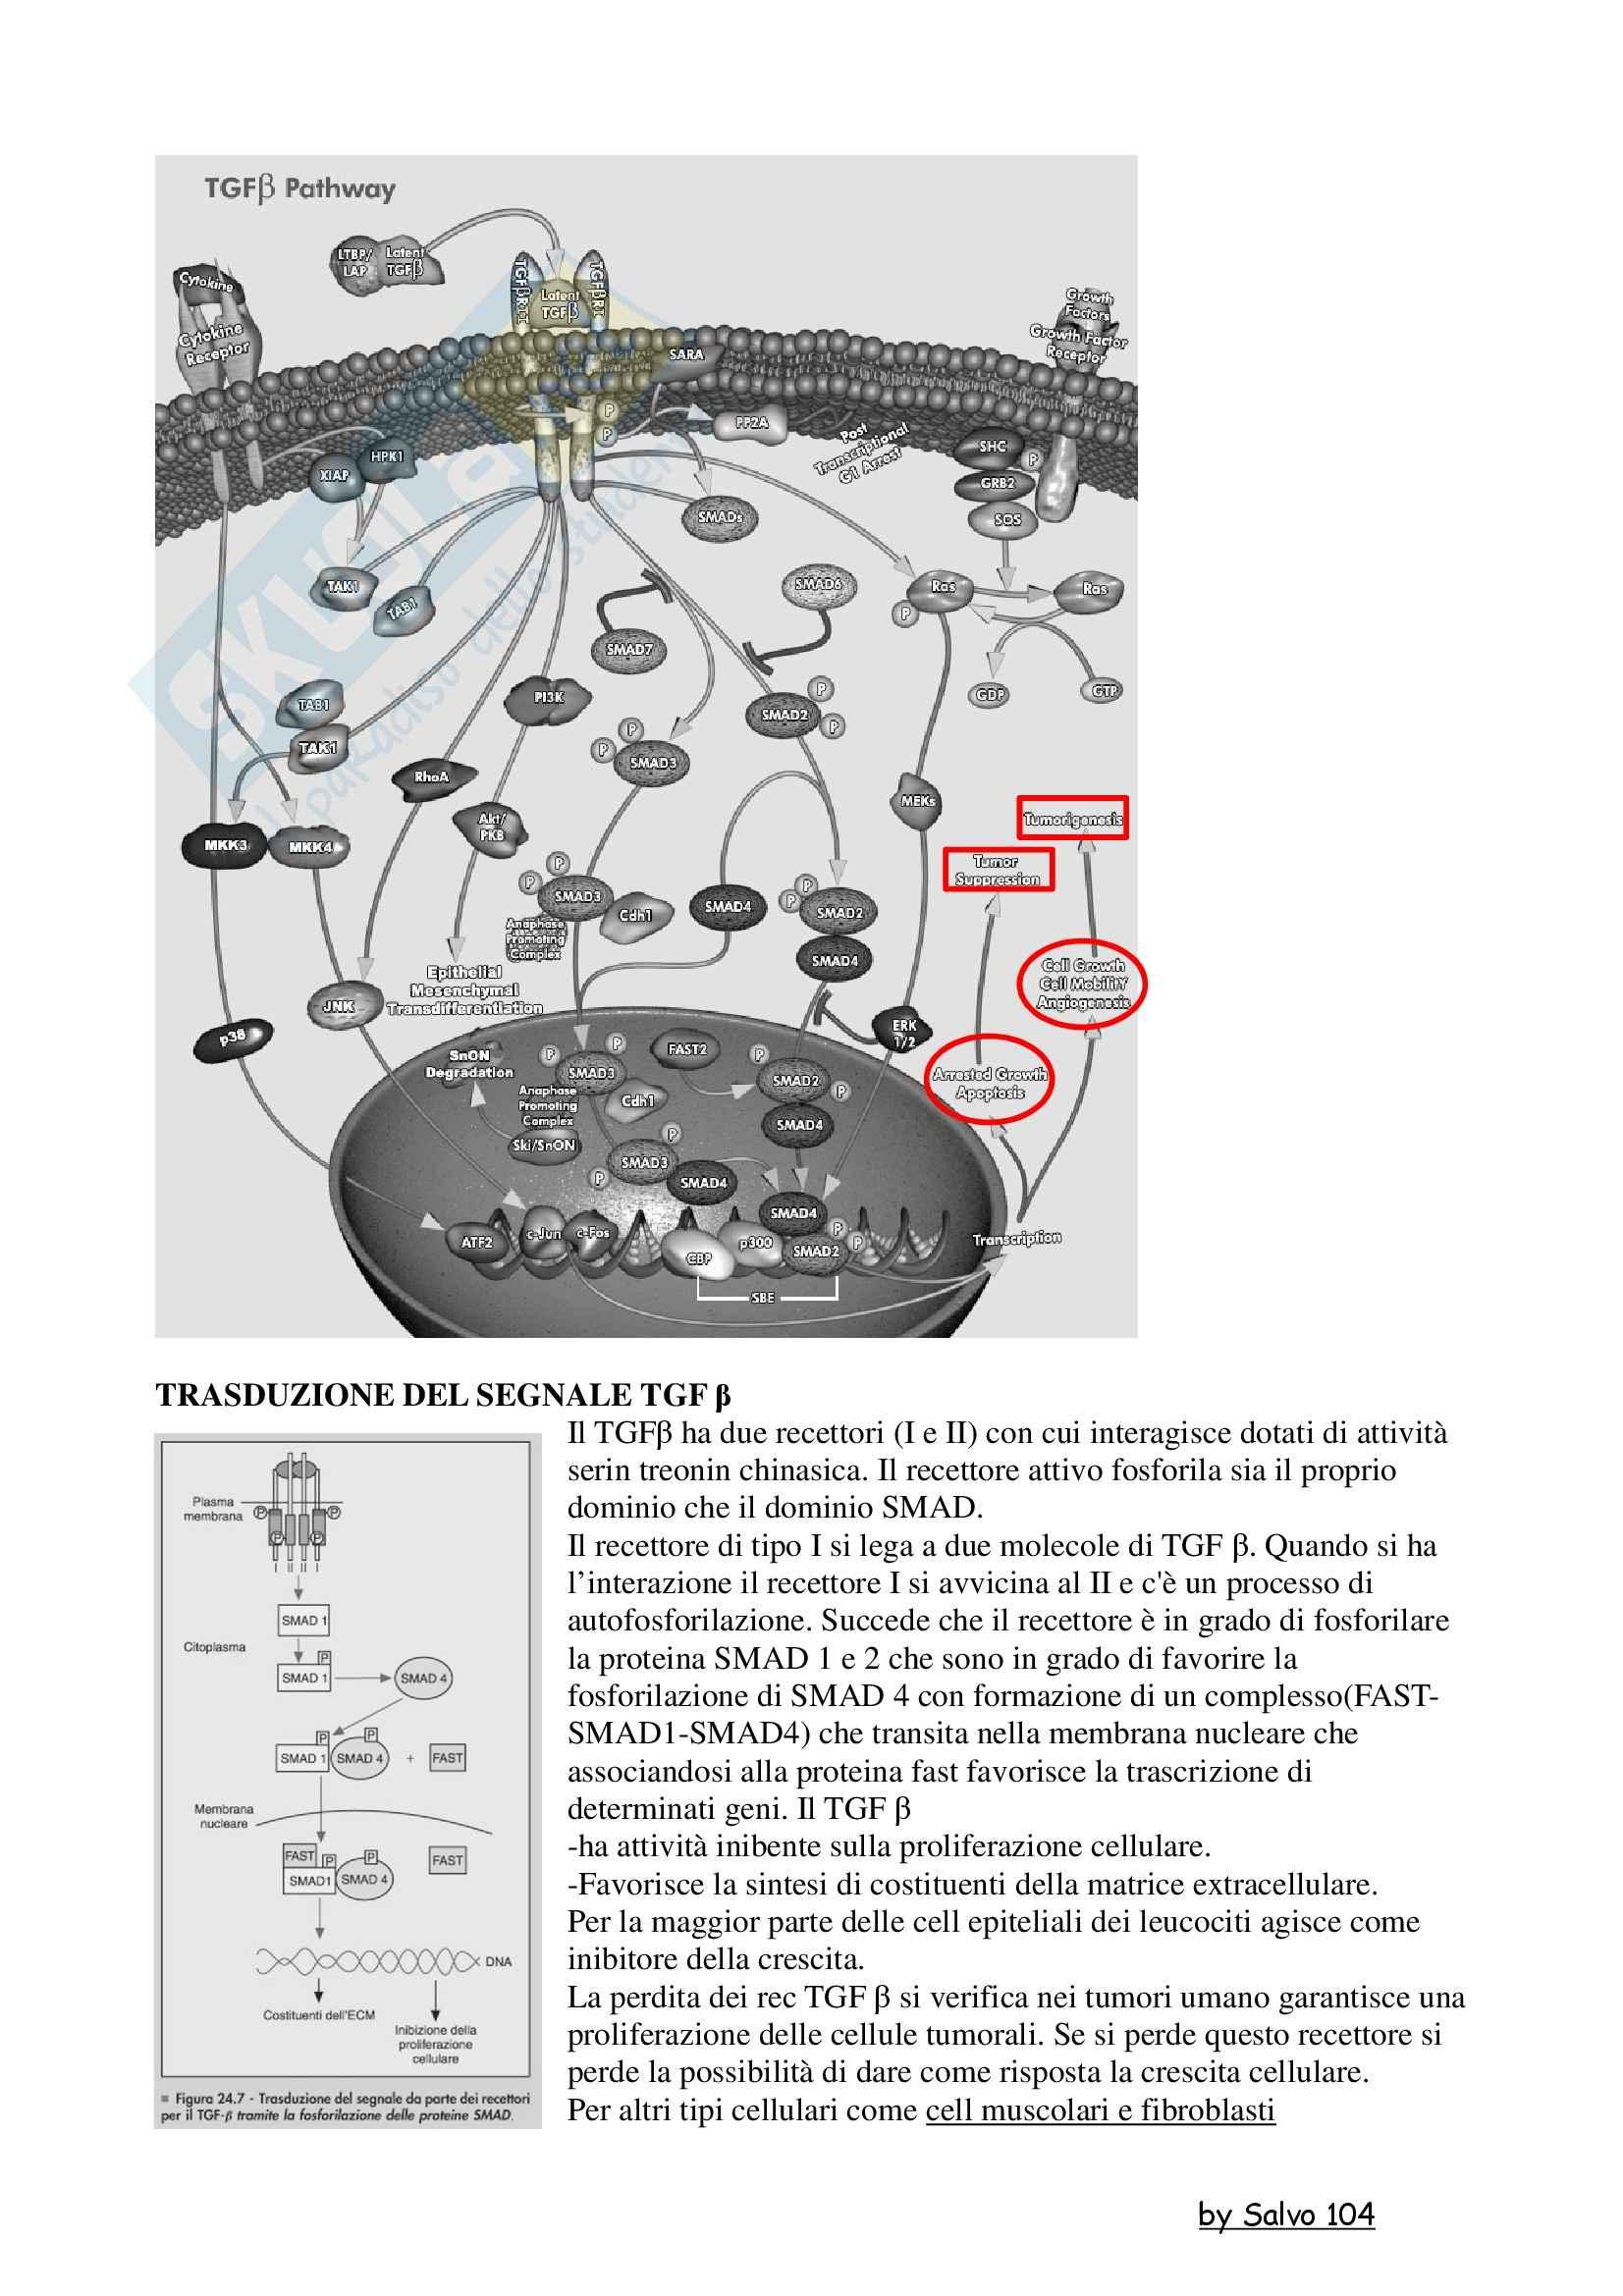 Patologia generale - la trasduzione del segnale TGF-beta